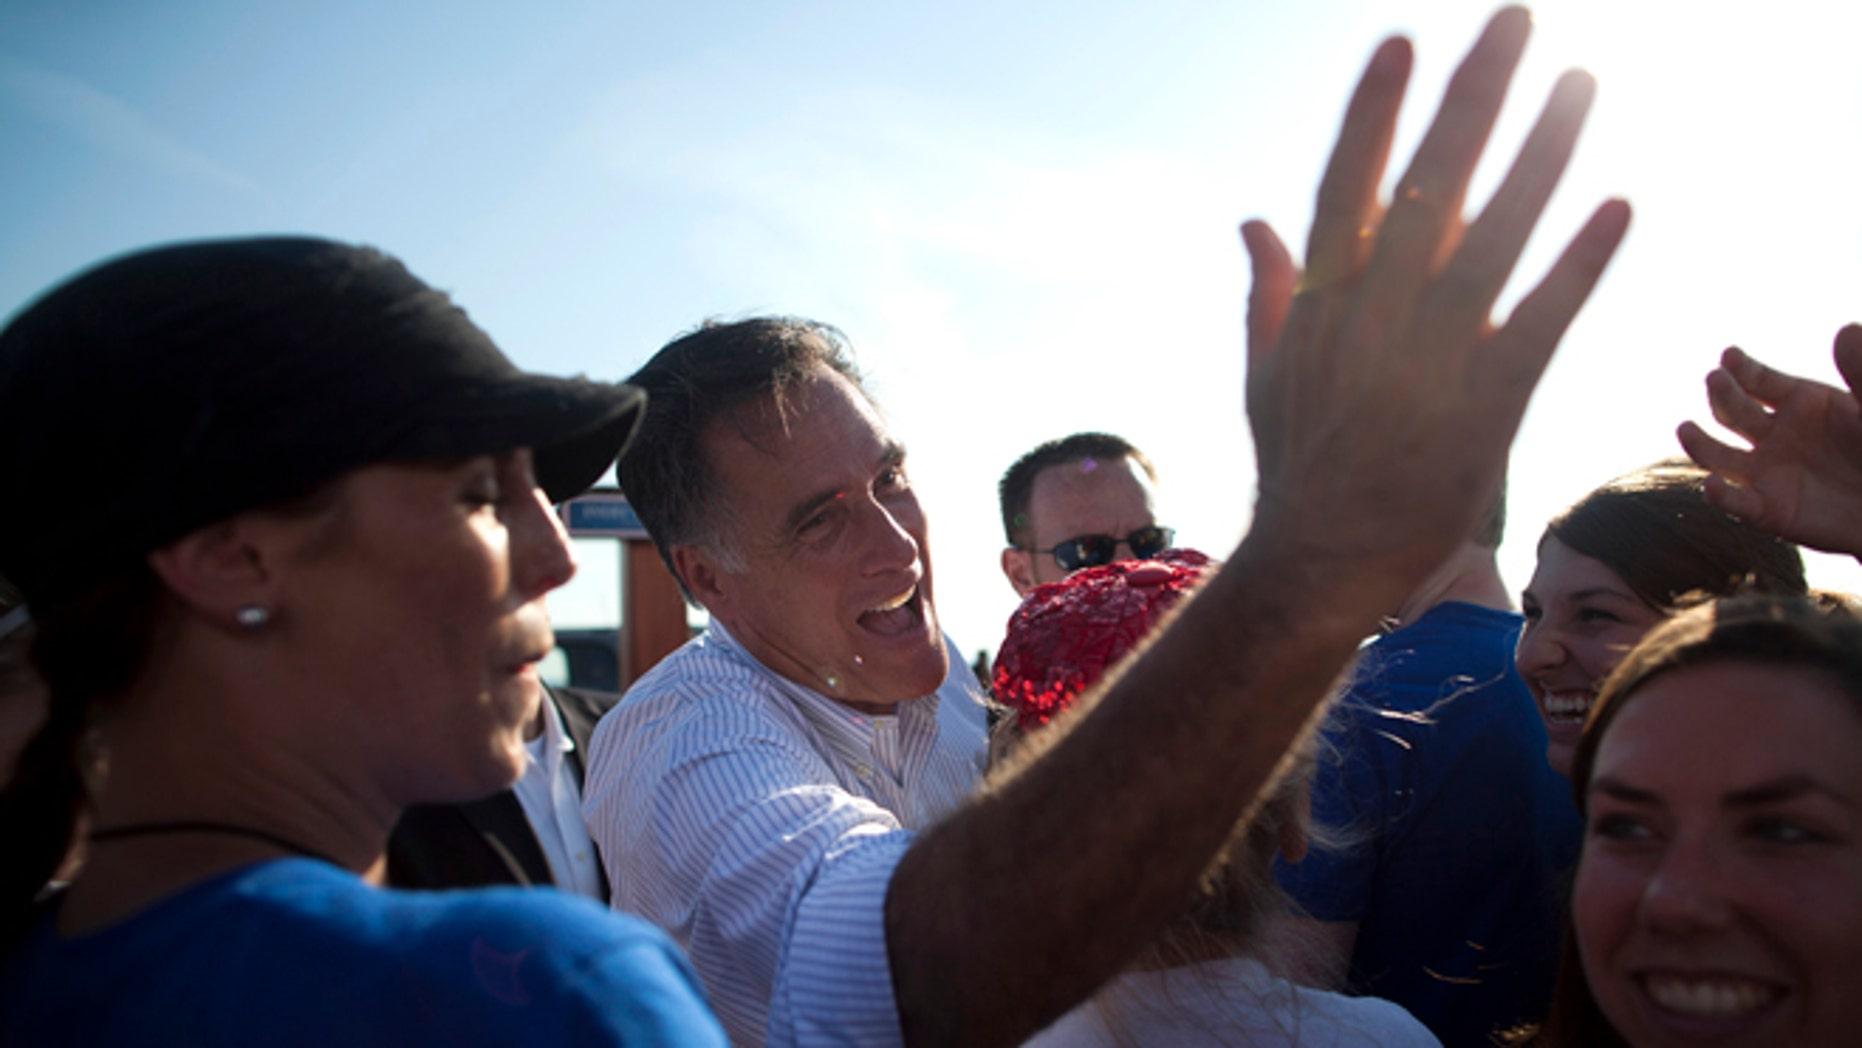 El virtual candidato presidencial republicano Mitt Romney saluda a partidarios durante un acto de campaña en el Holland State Park, el martes 19 de junio de 2012, en Holland, Michigan. (Foto AP/Evan Vucci)